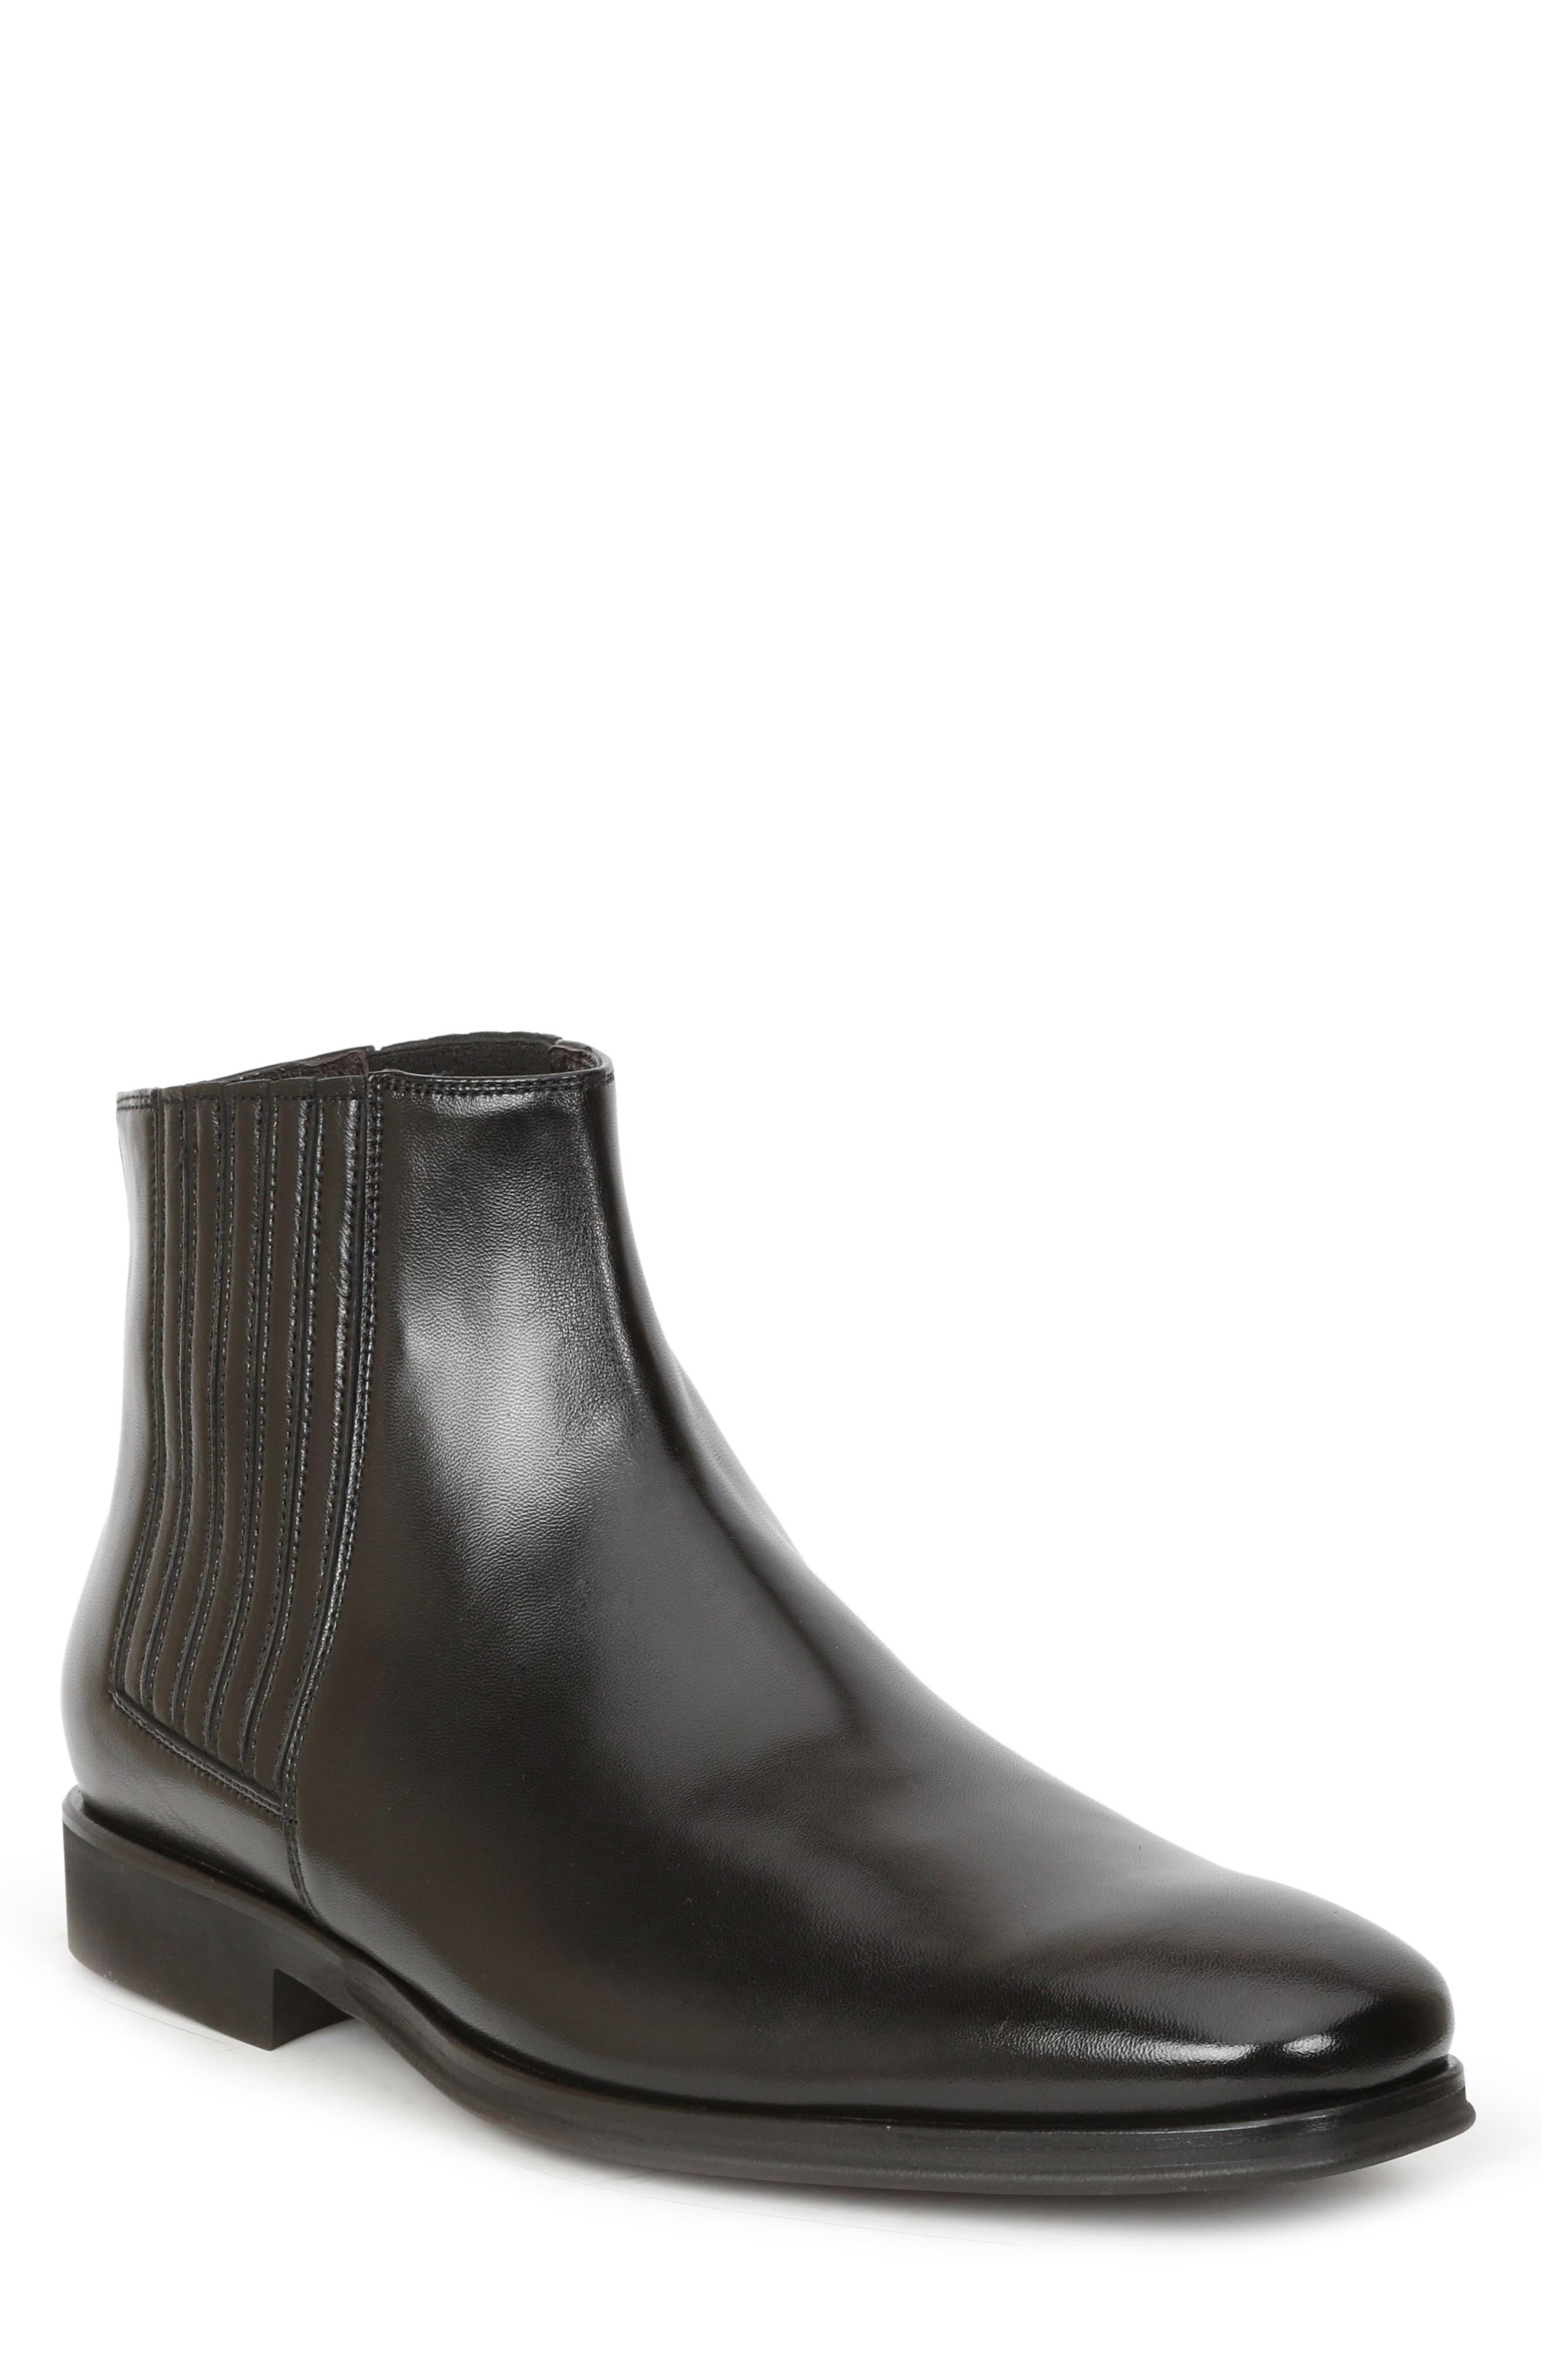 BRUNO MAGLI, Rezzo Chelsea Boot, Main thumbnail 1, color, BLACK